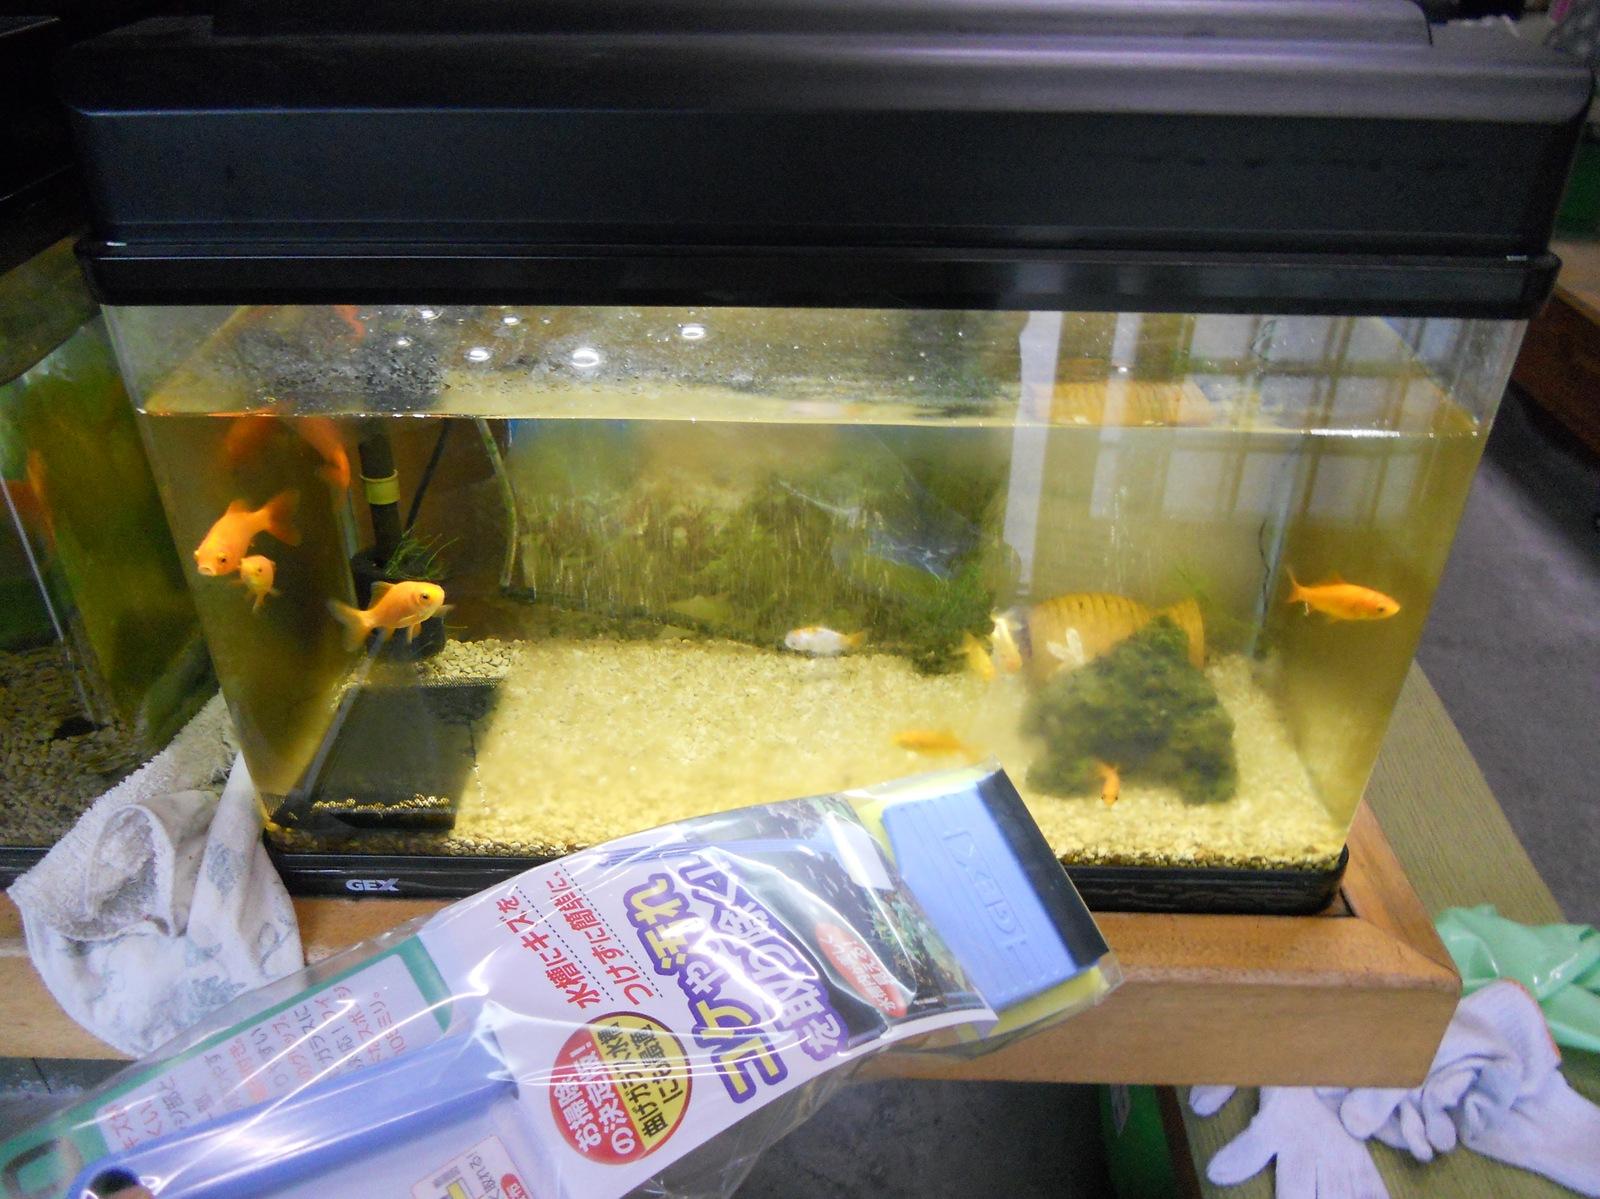 金魚の水槽掃除用品と野菜の入った健康そうな?エサ購入~:11.06.05